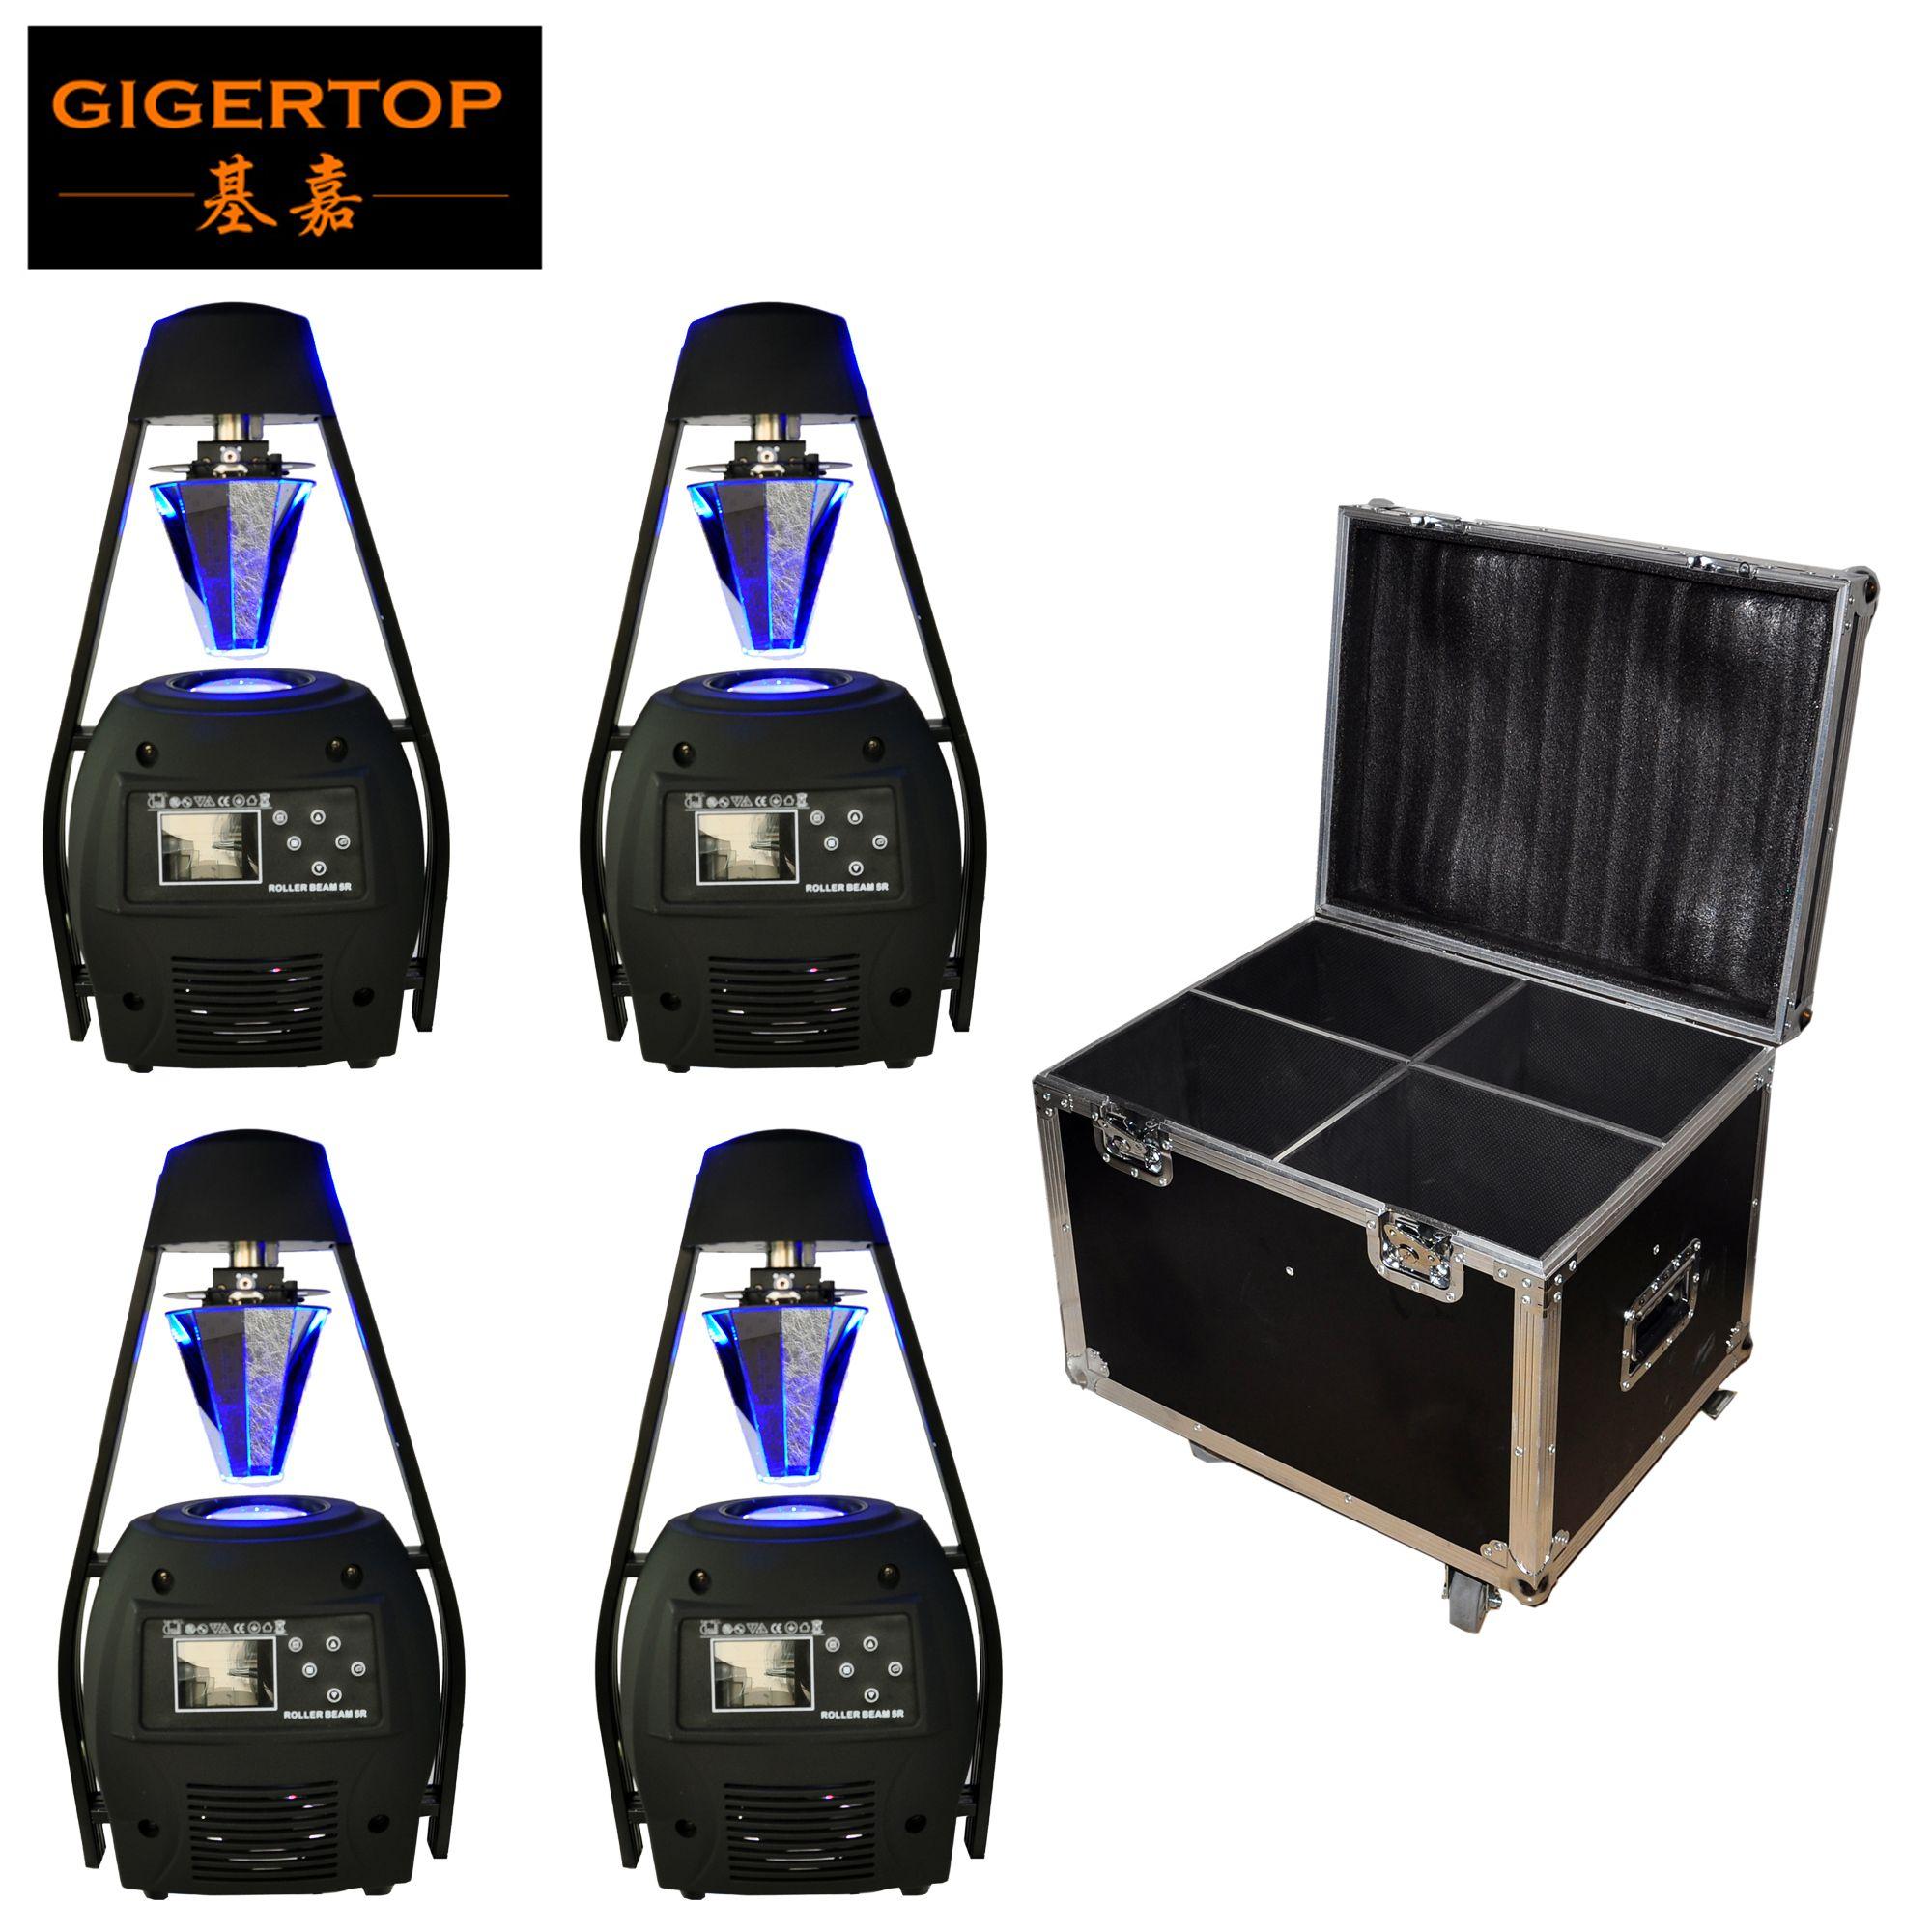 Road Case 4in1 Verpakking 5R Rolling Mirror Stage Scanner Light DMX512 Besturing 9 Kanalen LCD-scherm MSD PLATINUM 5R 8500K 100V-220V